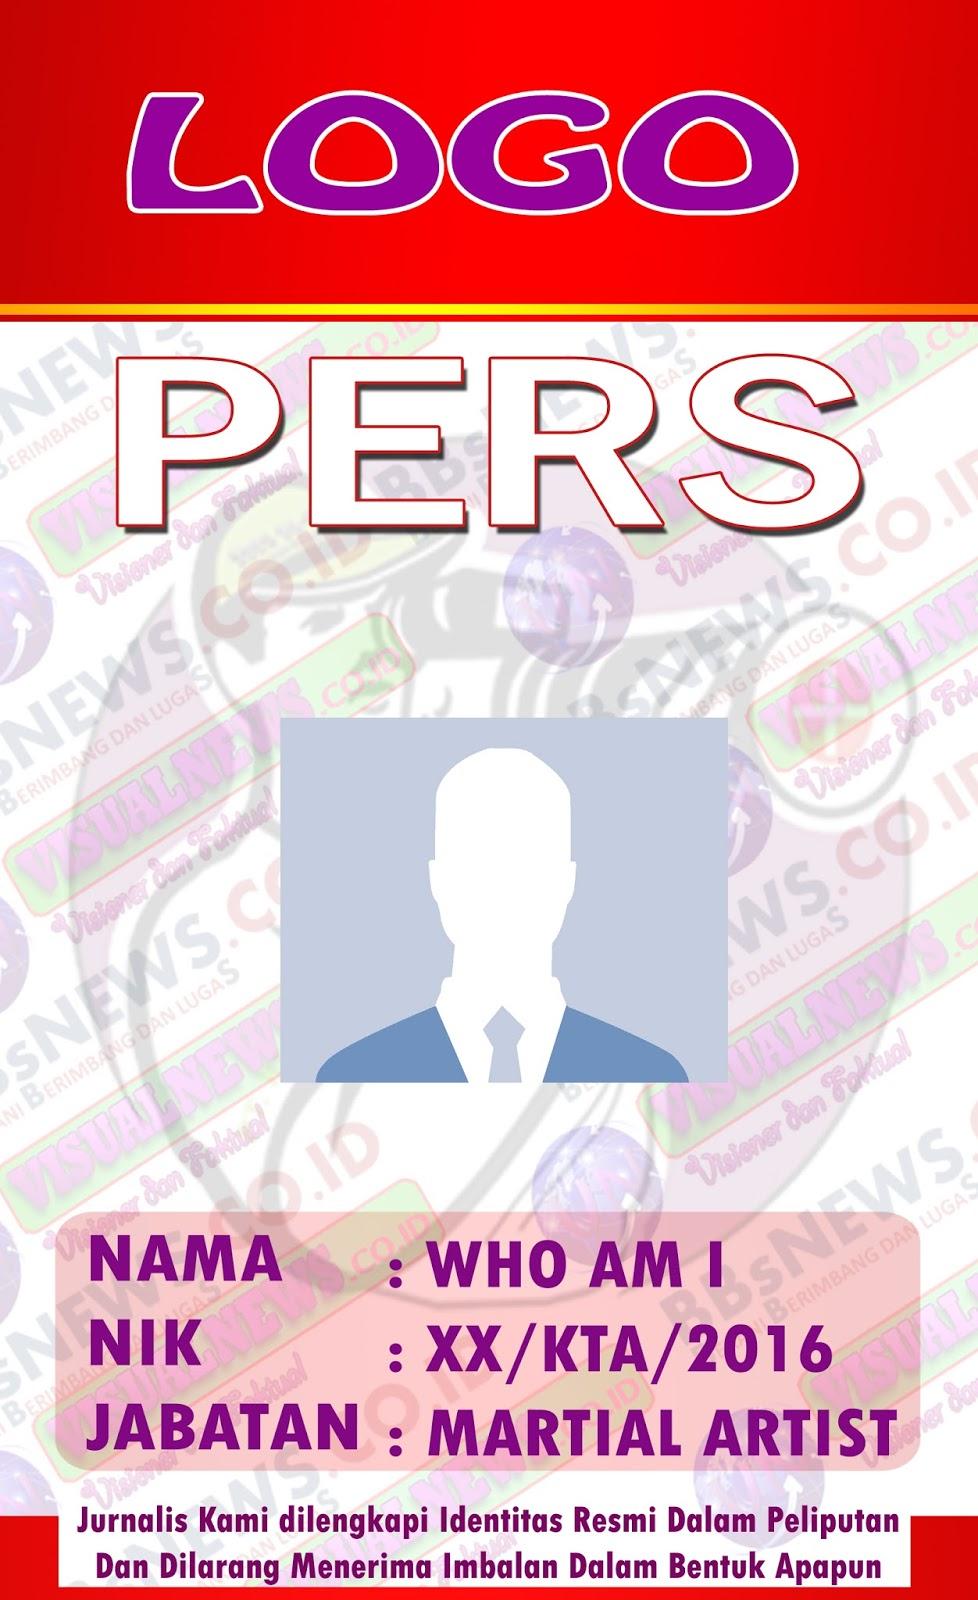 Design Kartu ID Card Pers atau wartawan Terbaru 2016 ...